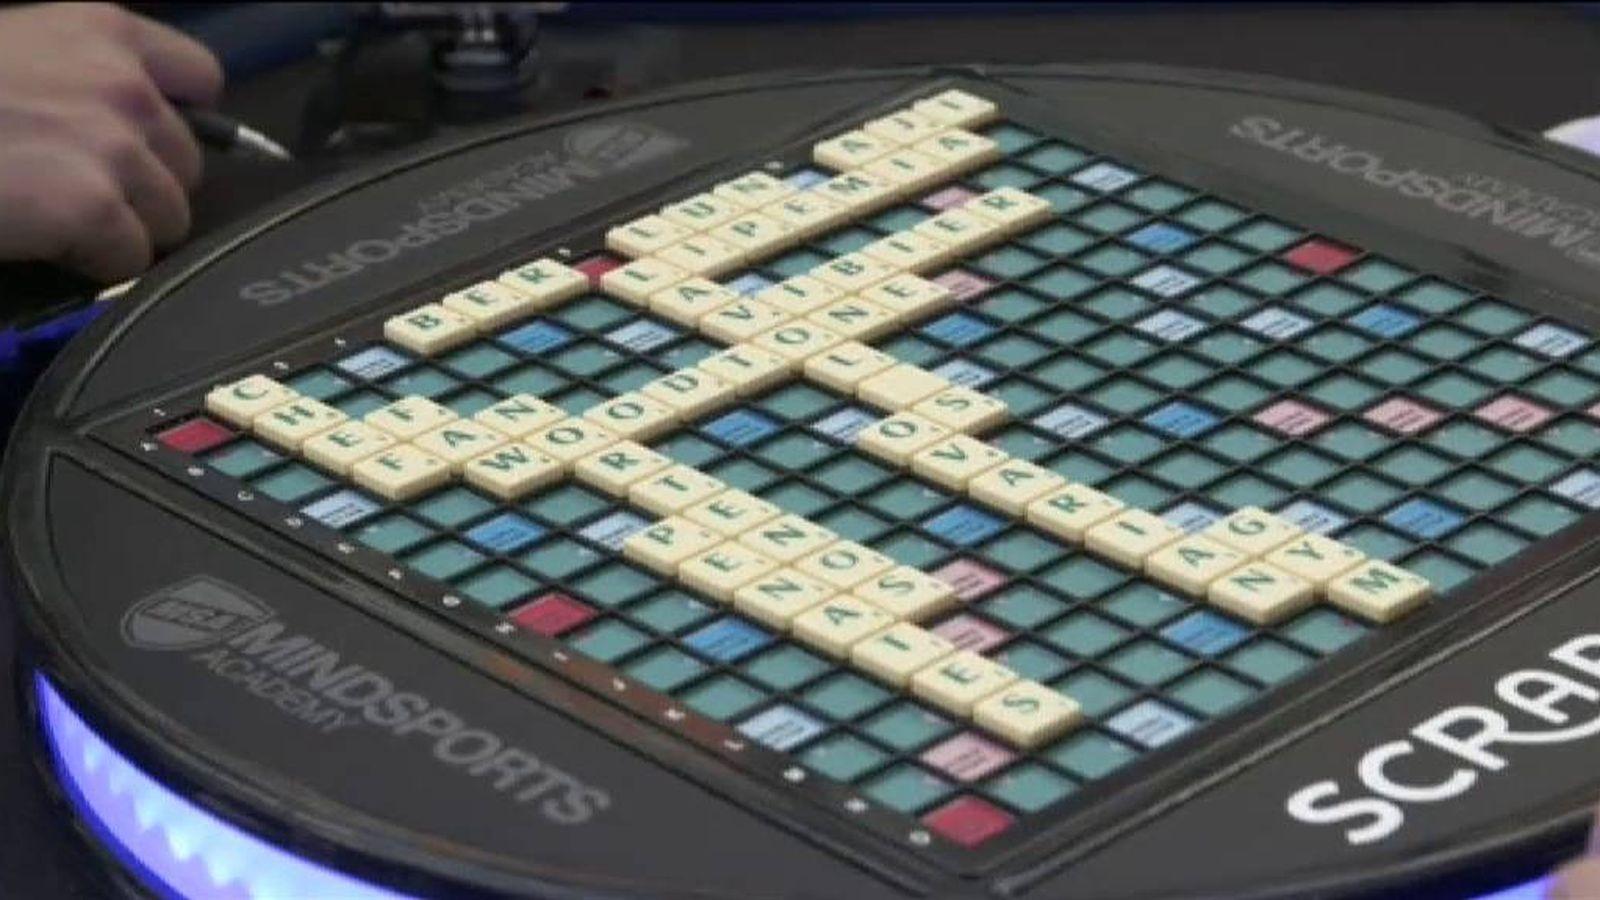 Juegos El Juego De Mesa Scrabble Cumple 70 Anos